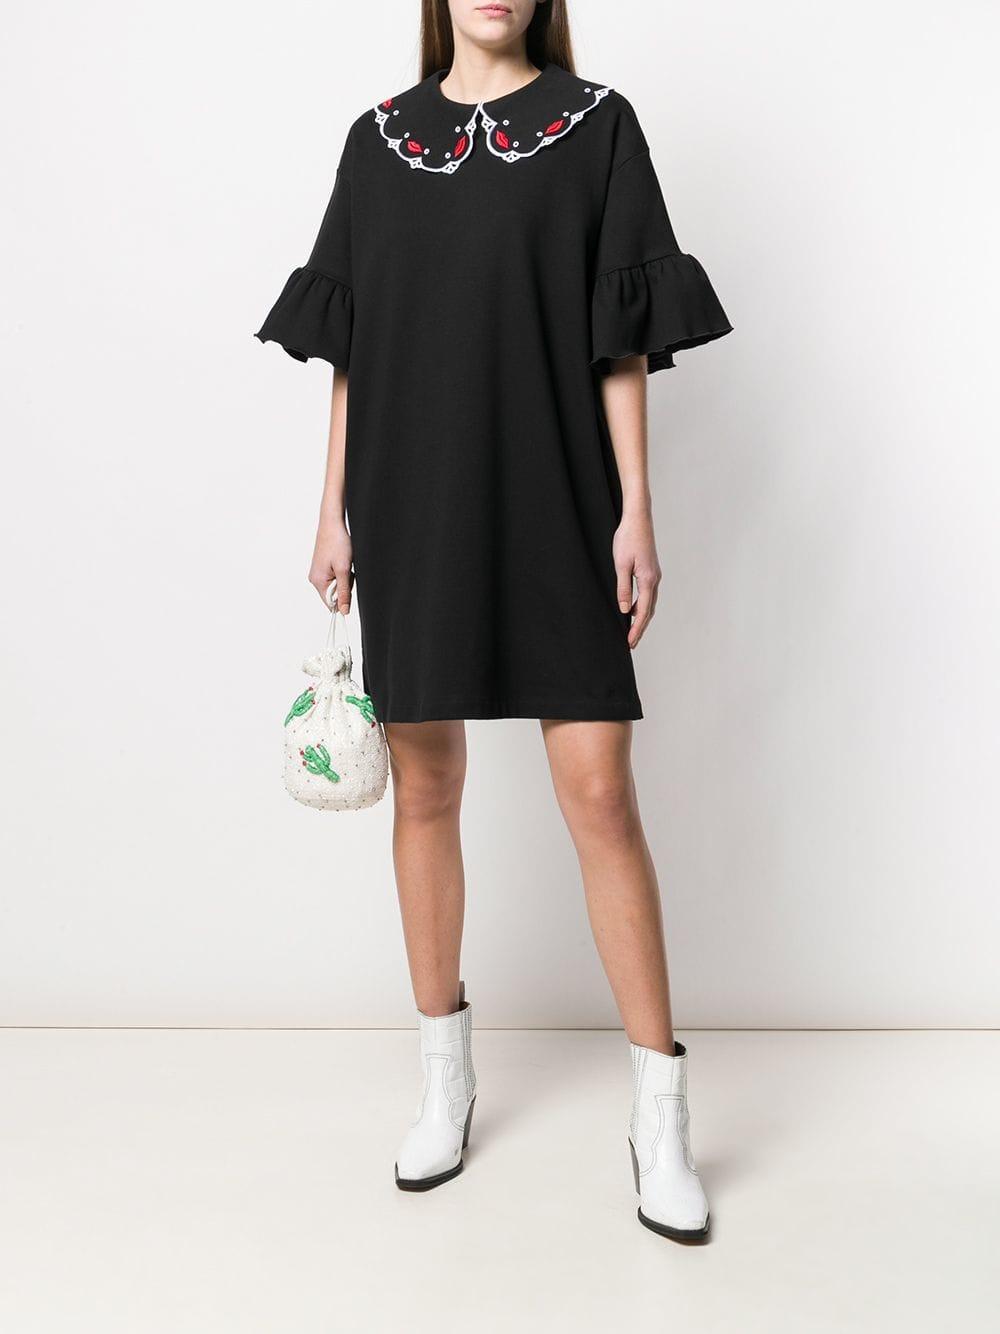 In Lyst Fanov Black Dress Vivetta T3KFc1Jl